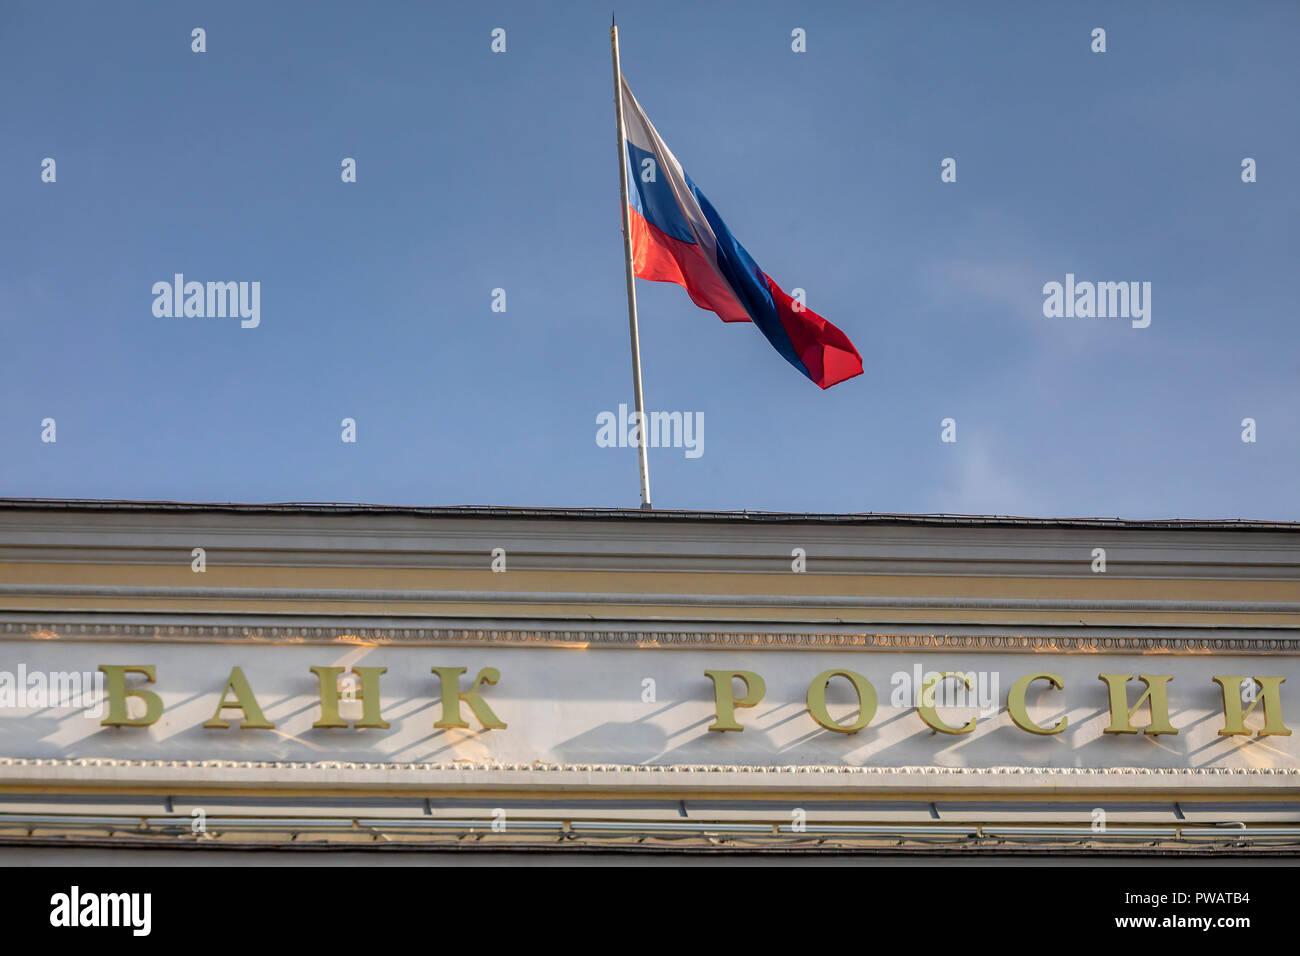 Vista de la fachada del edificio del Banco Central de la Federación de Rusia en 12 Neglinnaya Street, en el centro de Moscú, Rusia Foto de stock